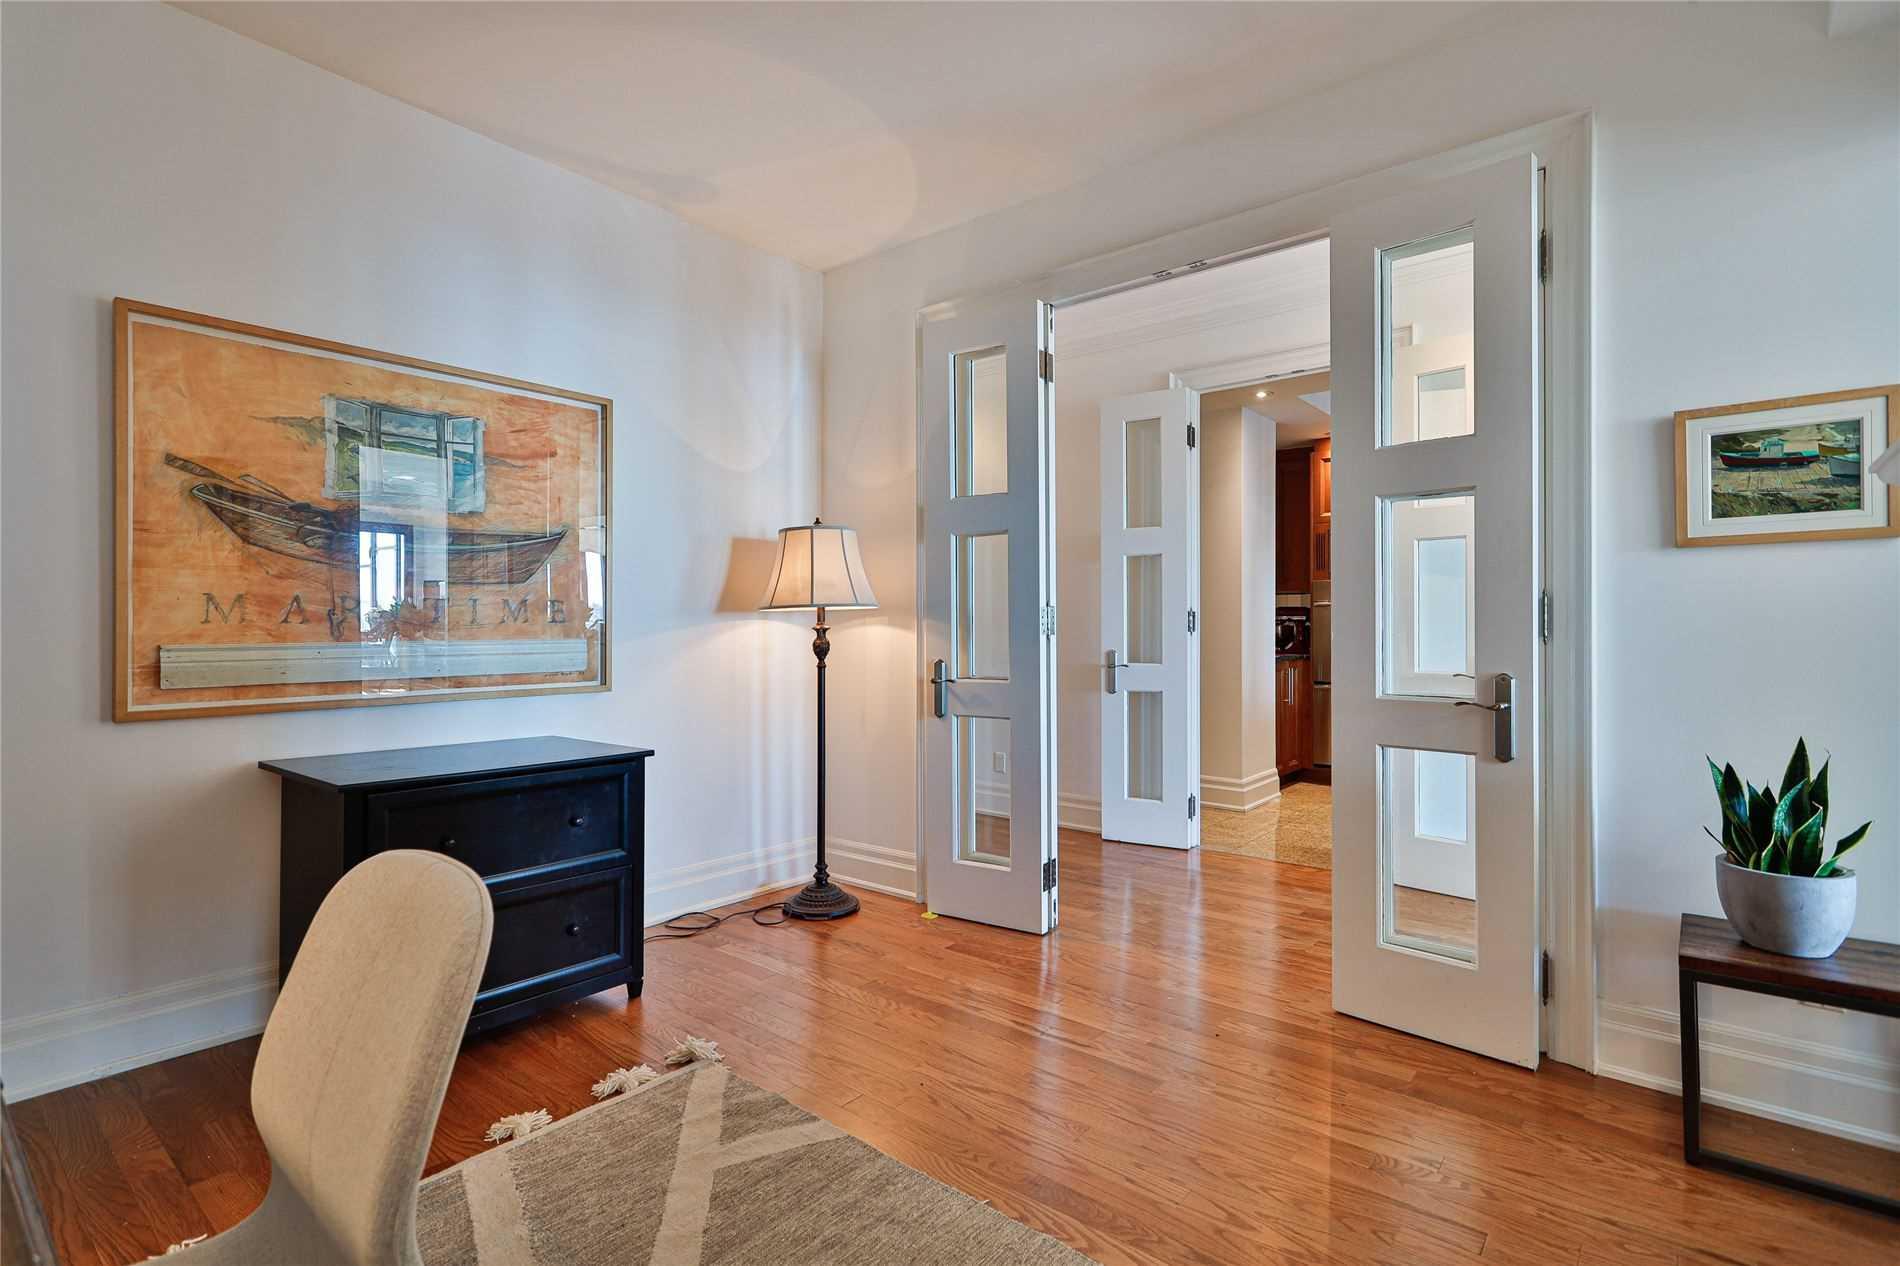 317 - 2095 Lake Shore Blvd W - Mimico Condo Apt for sale, 2 Bedrooms (W5369727) - #19